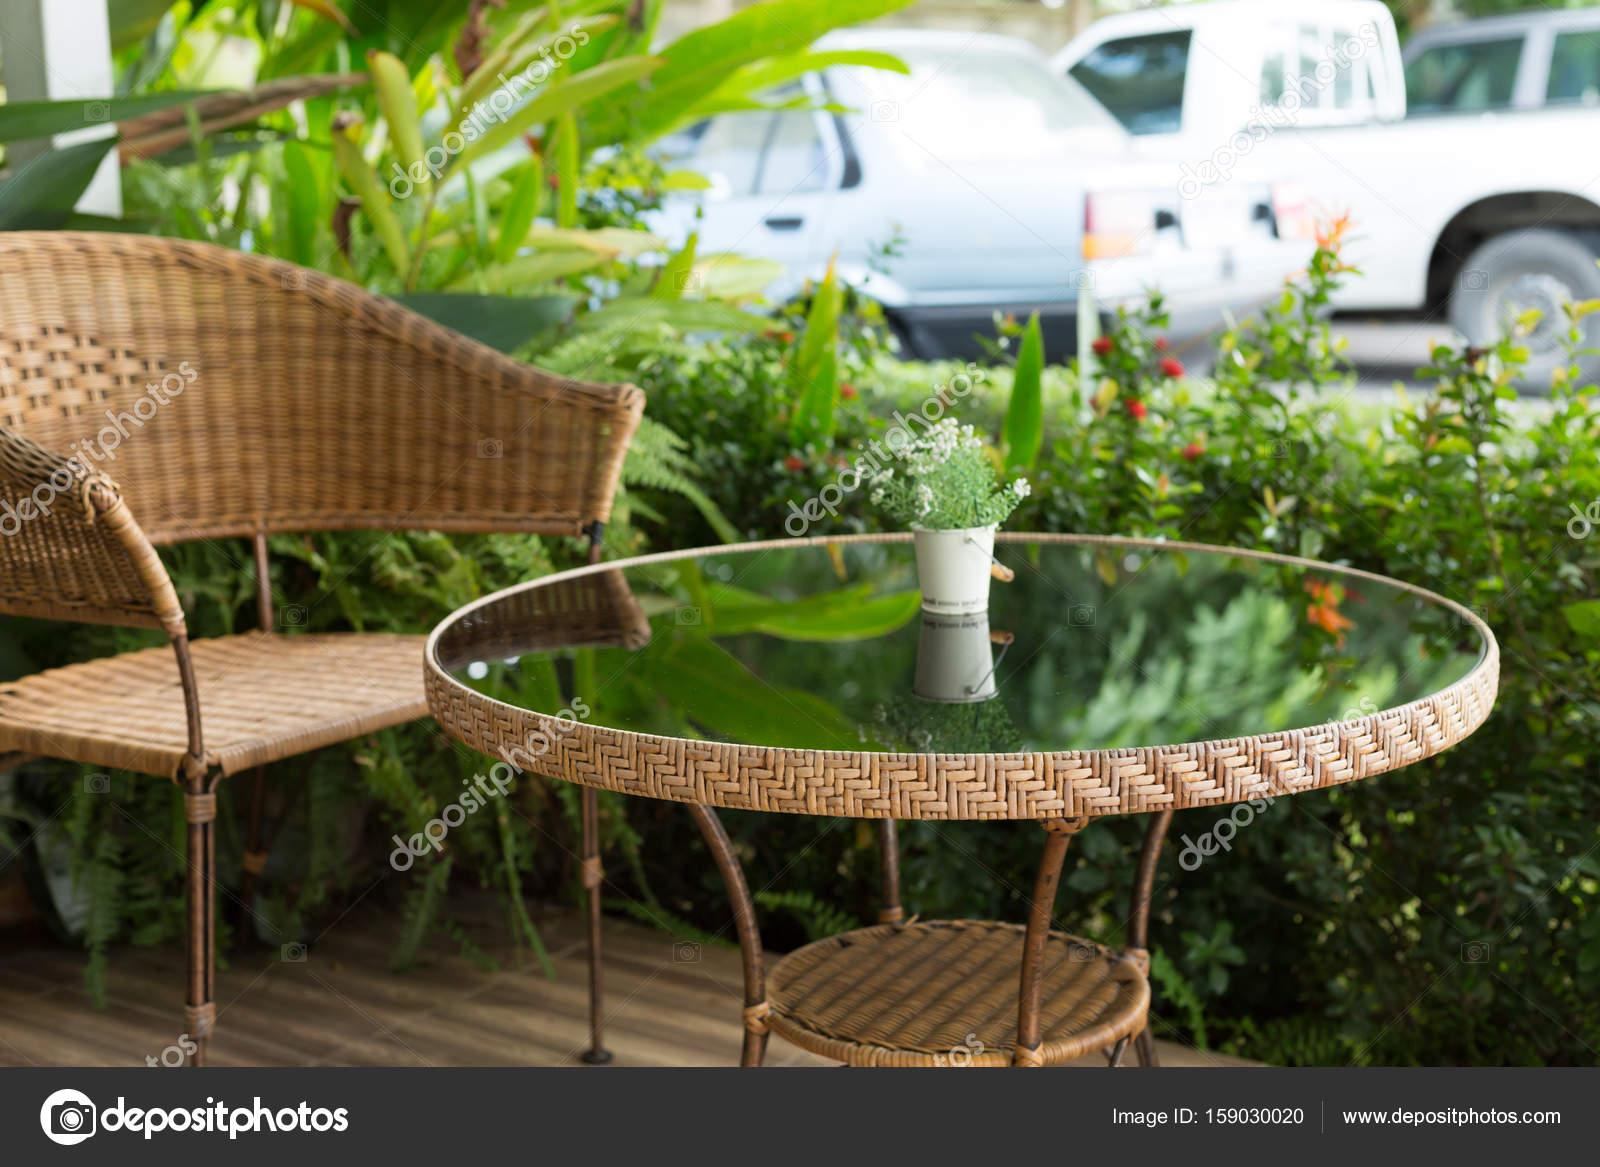 cristal mesa rattan mimbre asiento silla decoración y — Foto de ...